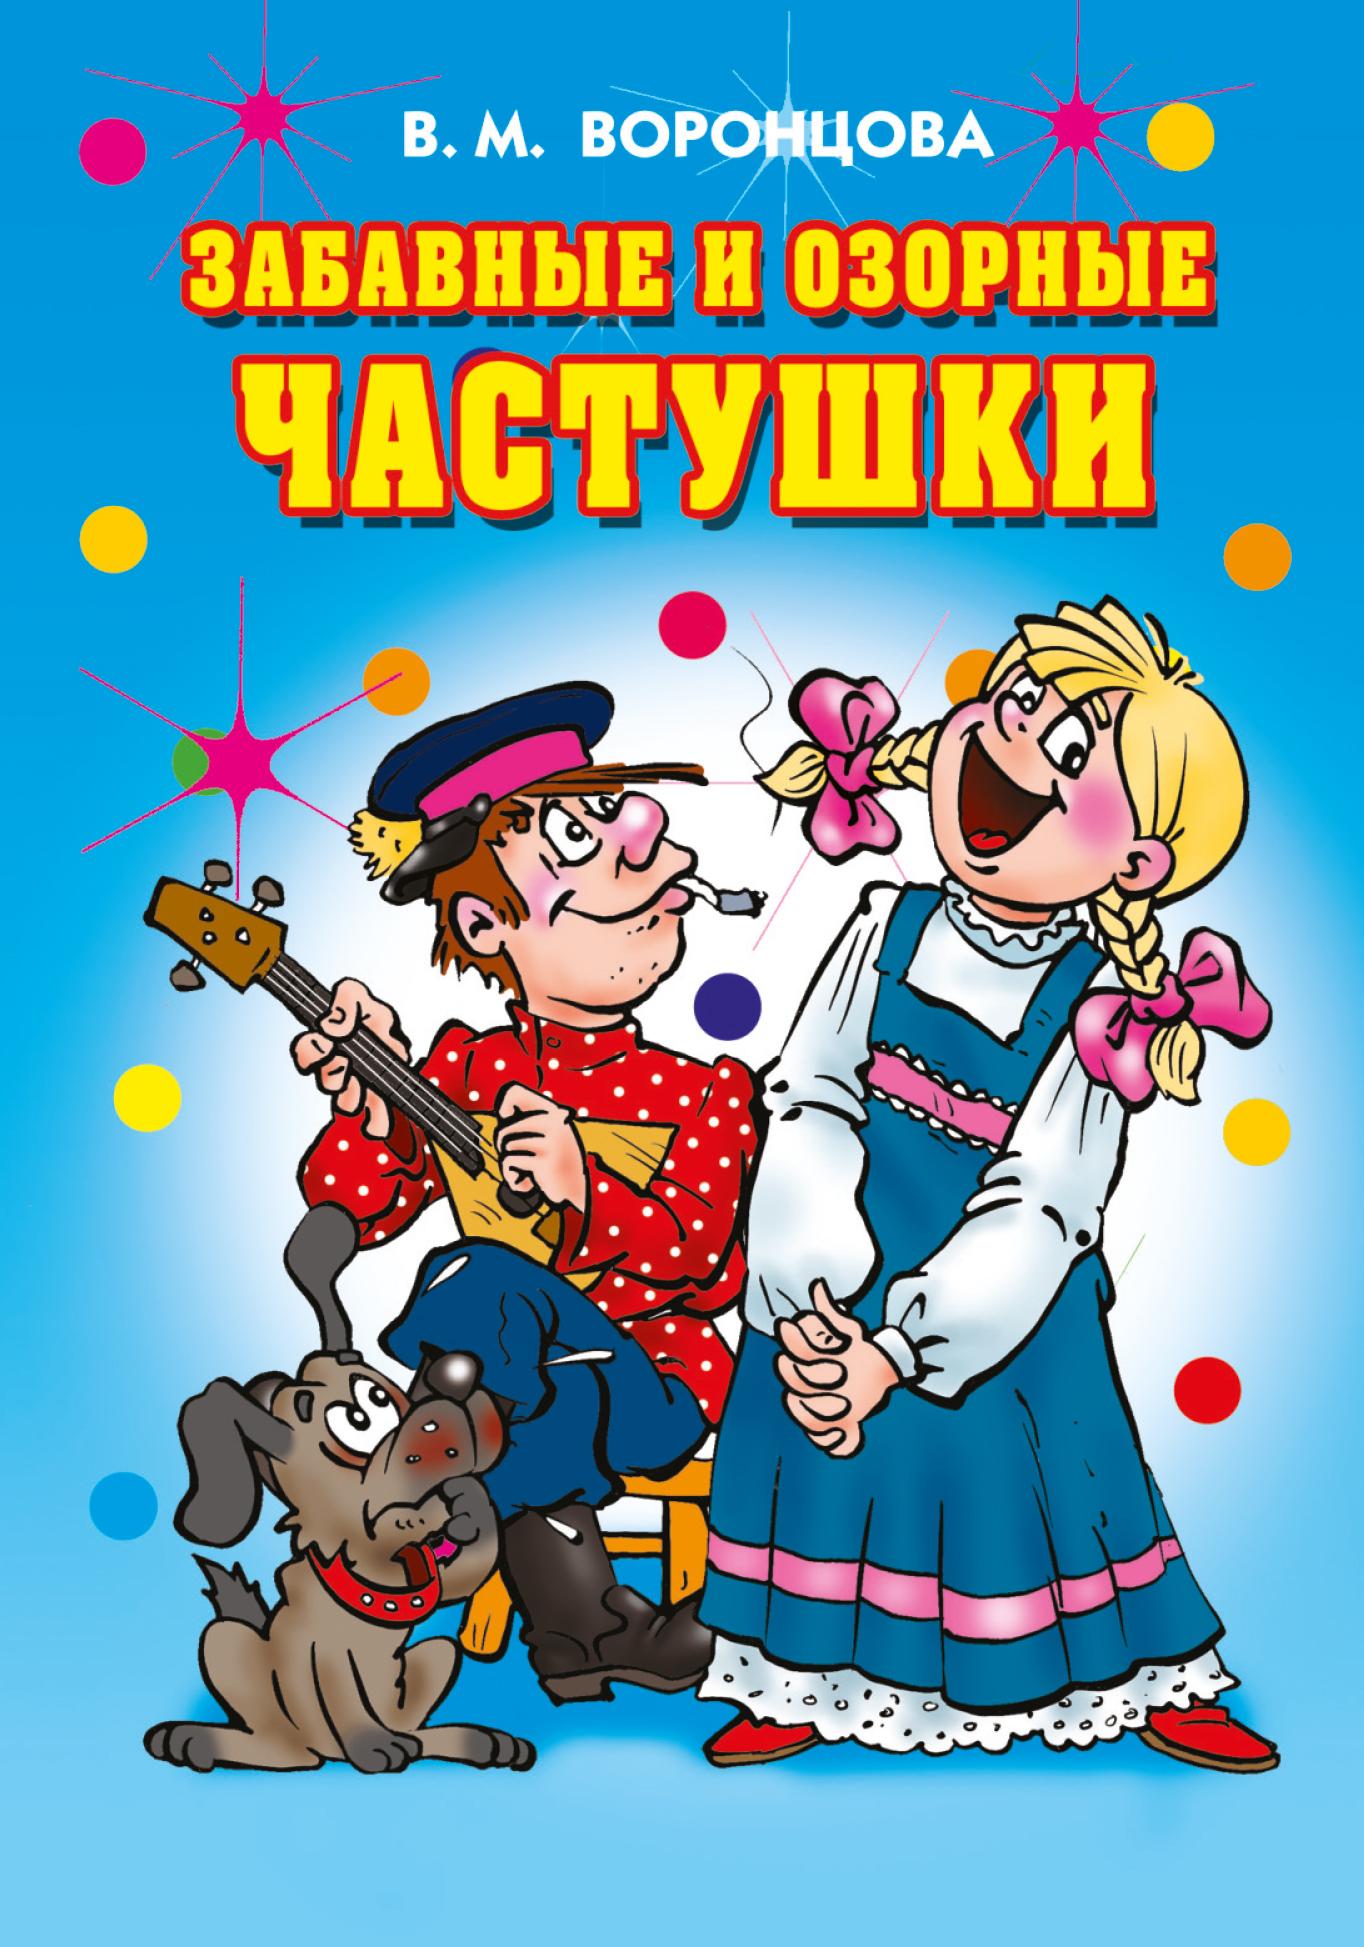 Валерия Михайловна Воронцова Забавные и озорные частушки цена и фото